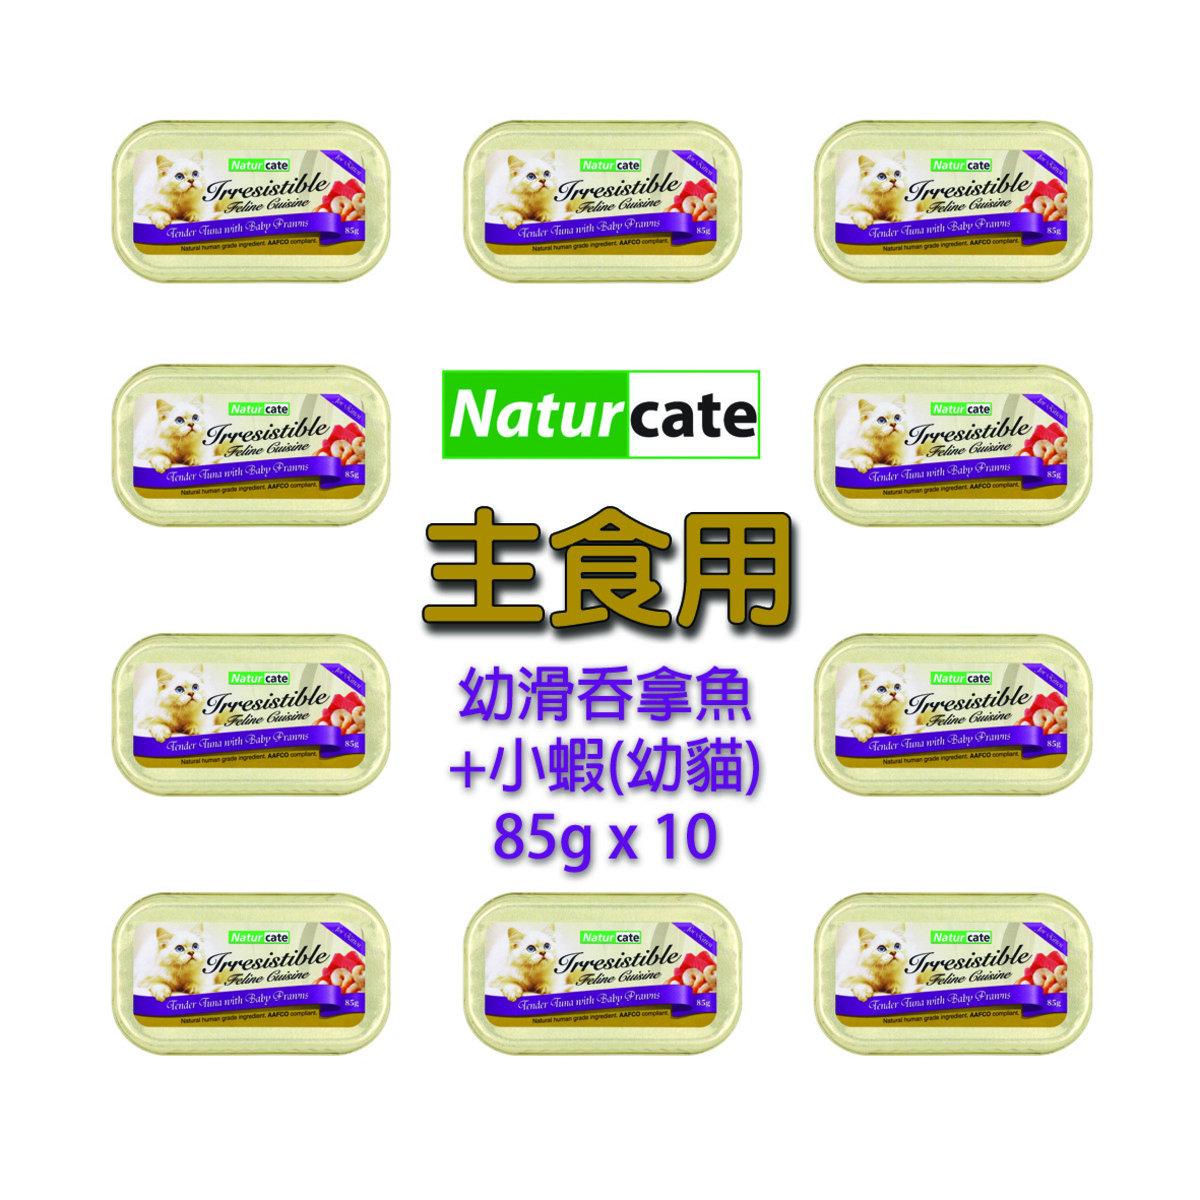 白肉吞拿魚+蝦 (幼貓) 85g - 10罐